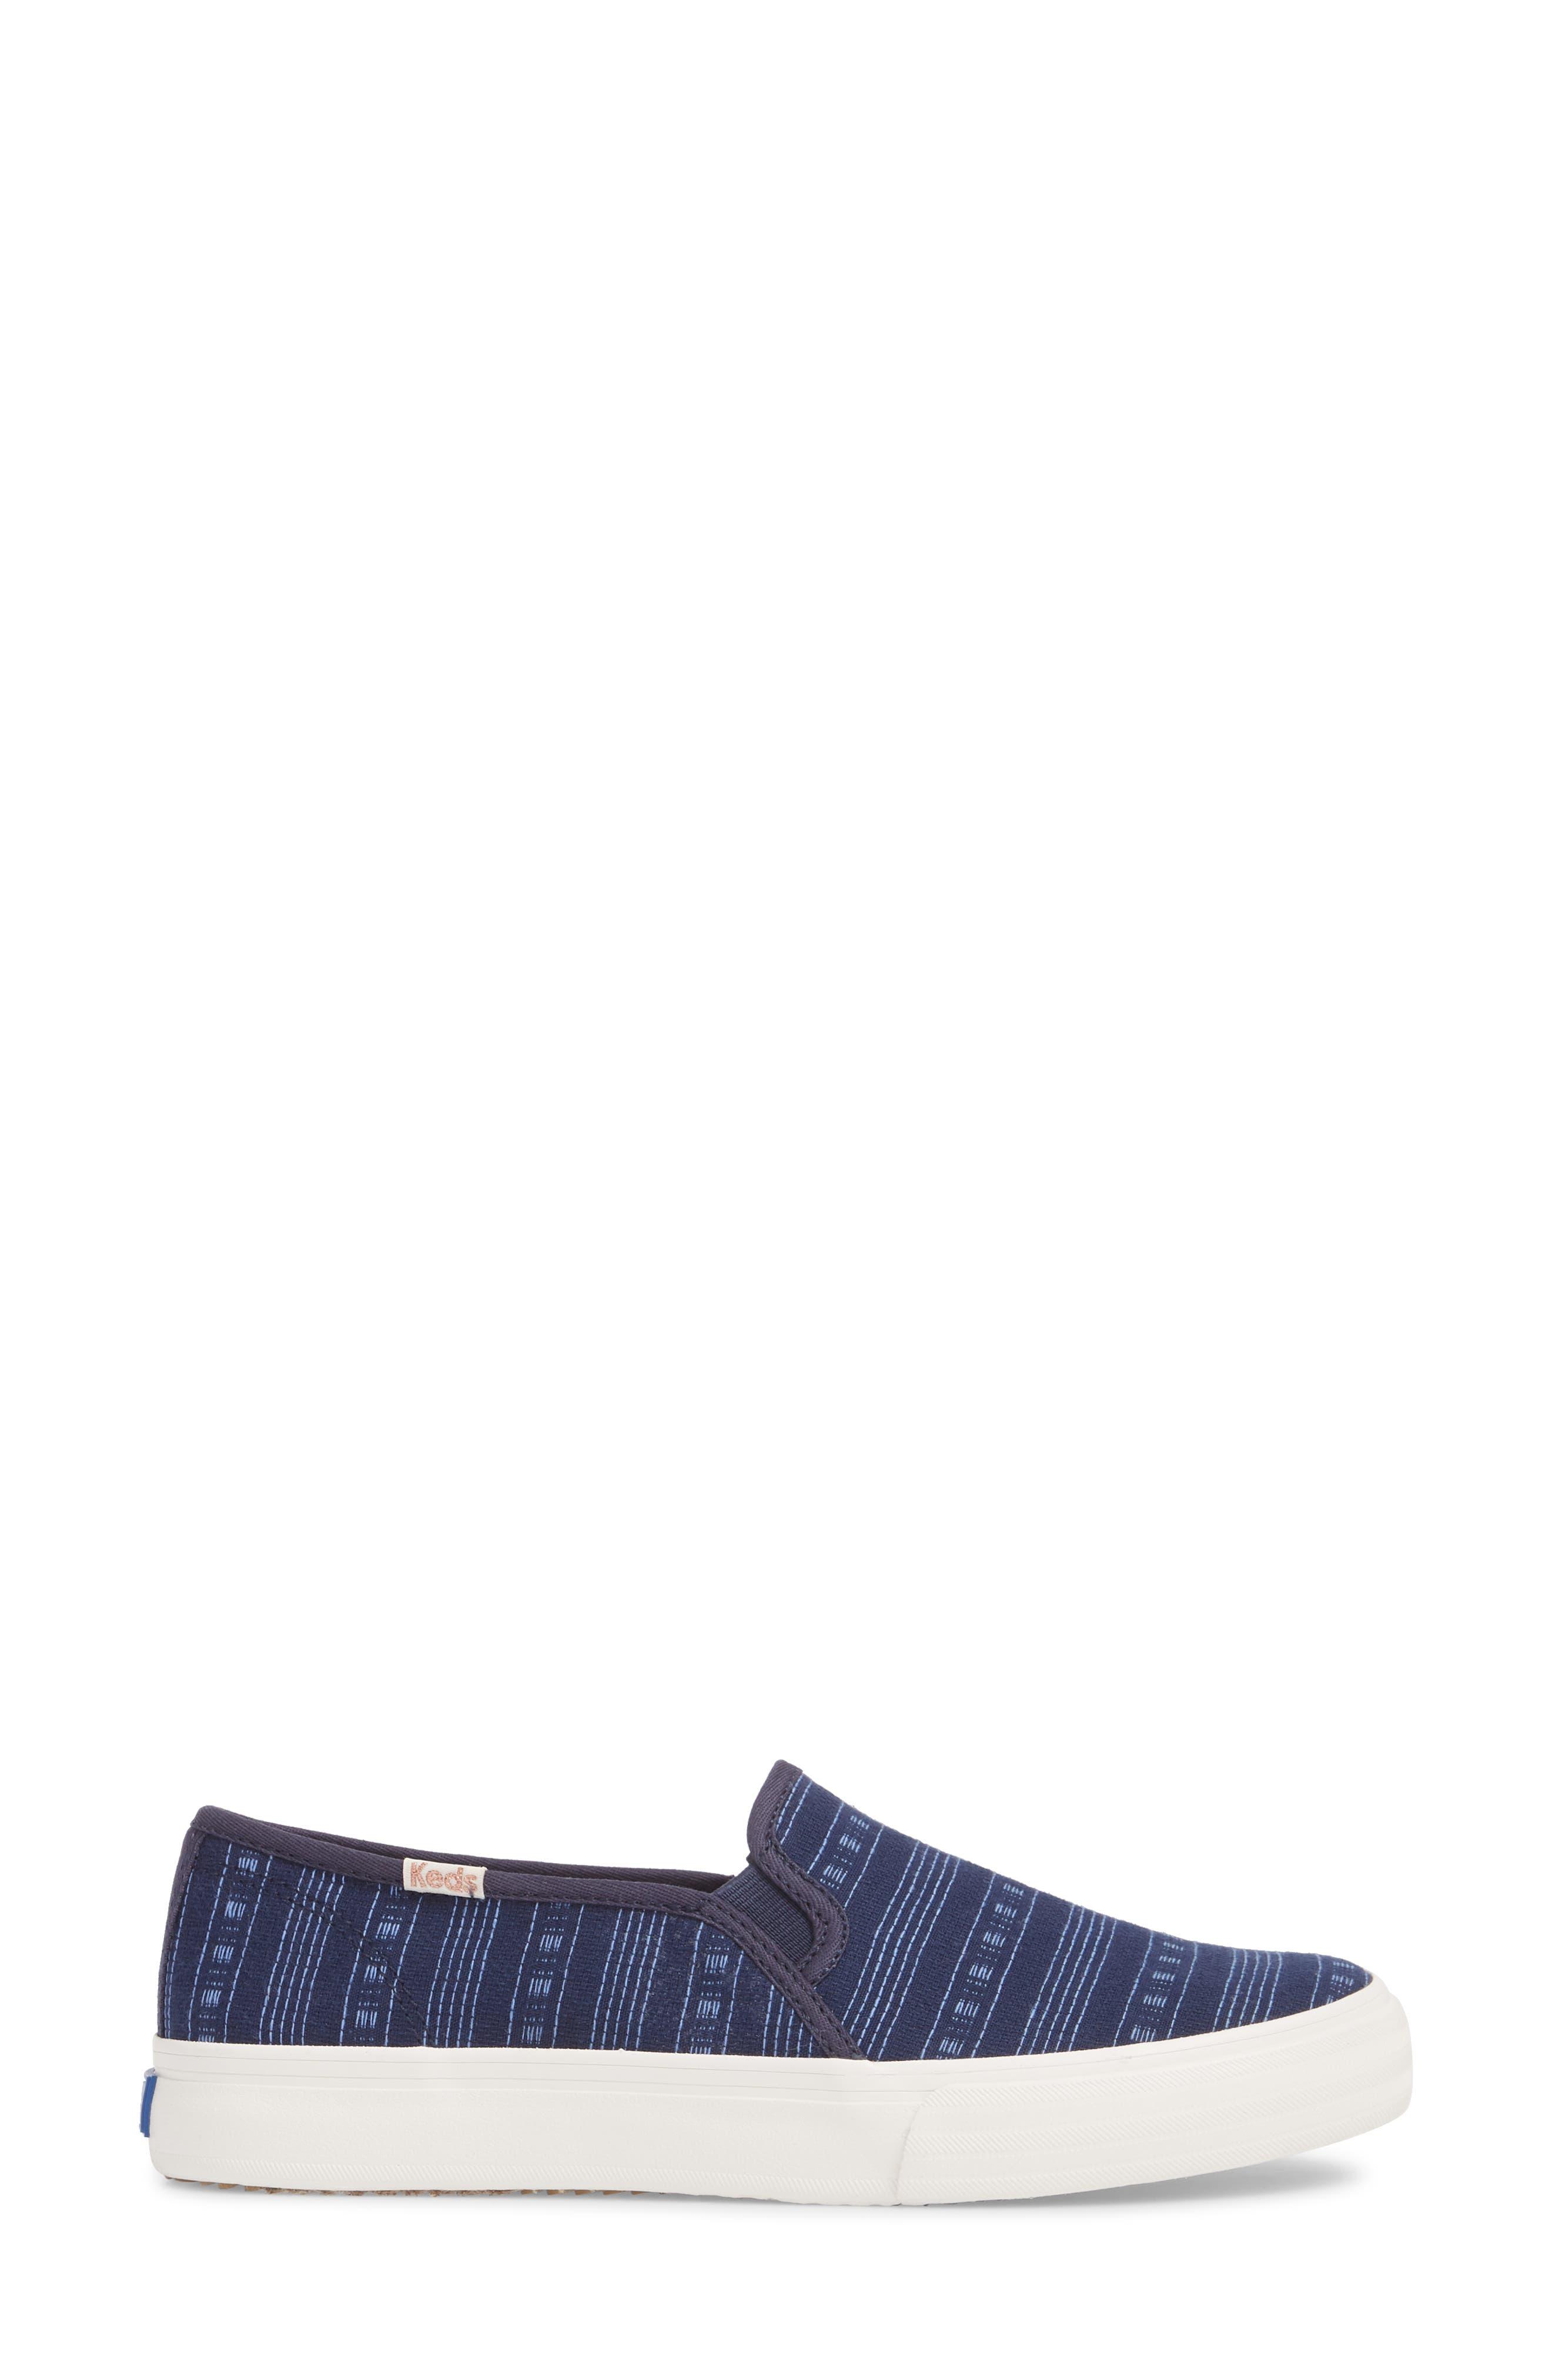 Double Decker Summer Stripe Slip-On Sneaker,                             Alternate thumbnail 3, color,                             410